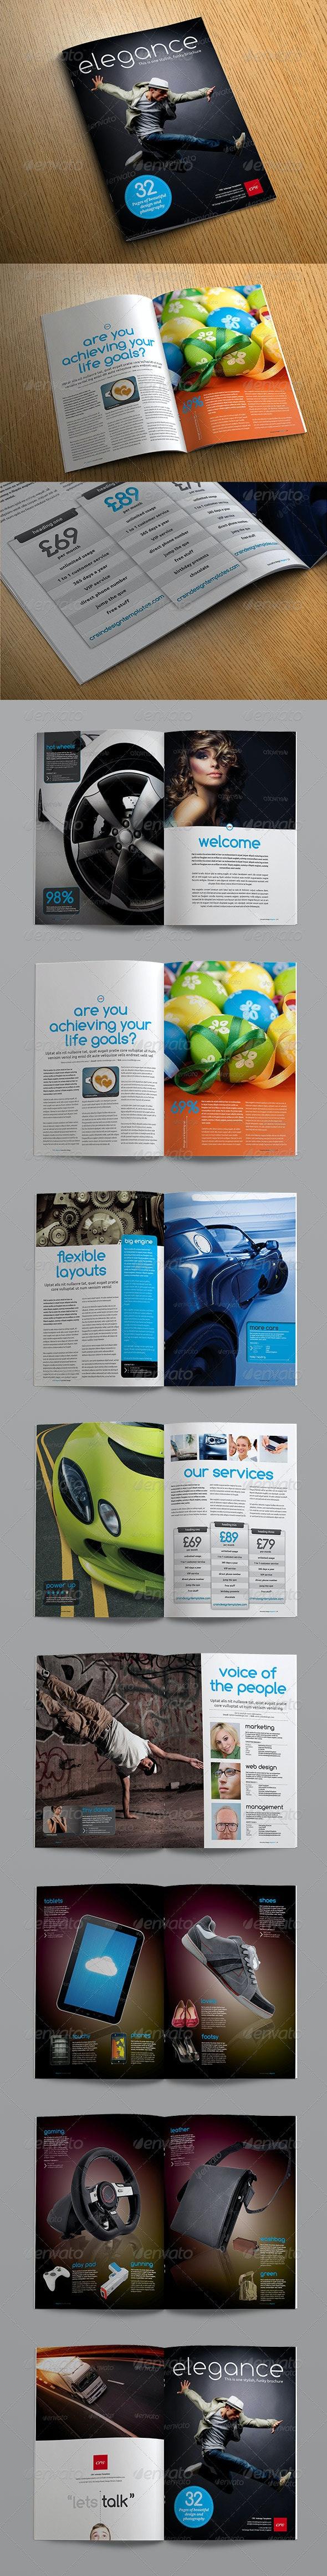 Elegance Brochure - Corporate Brochures